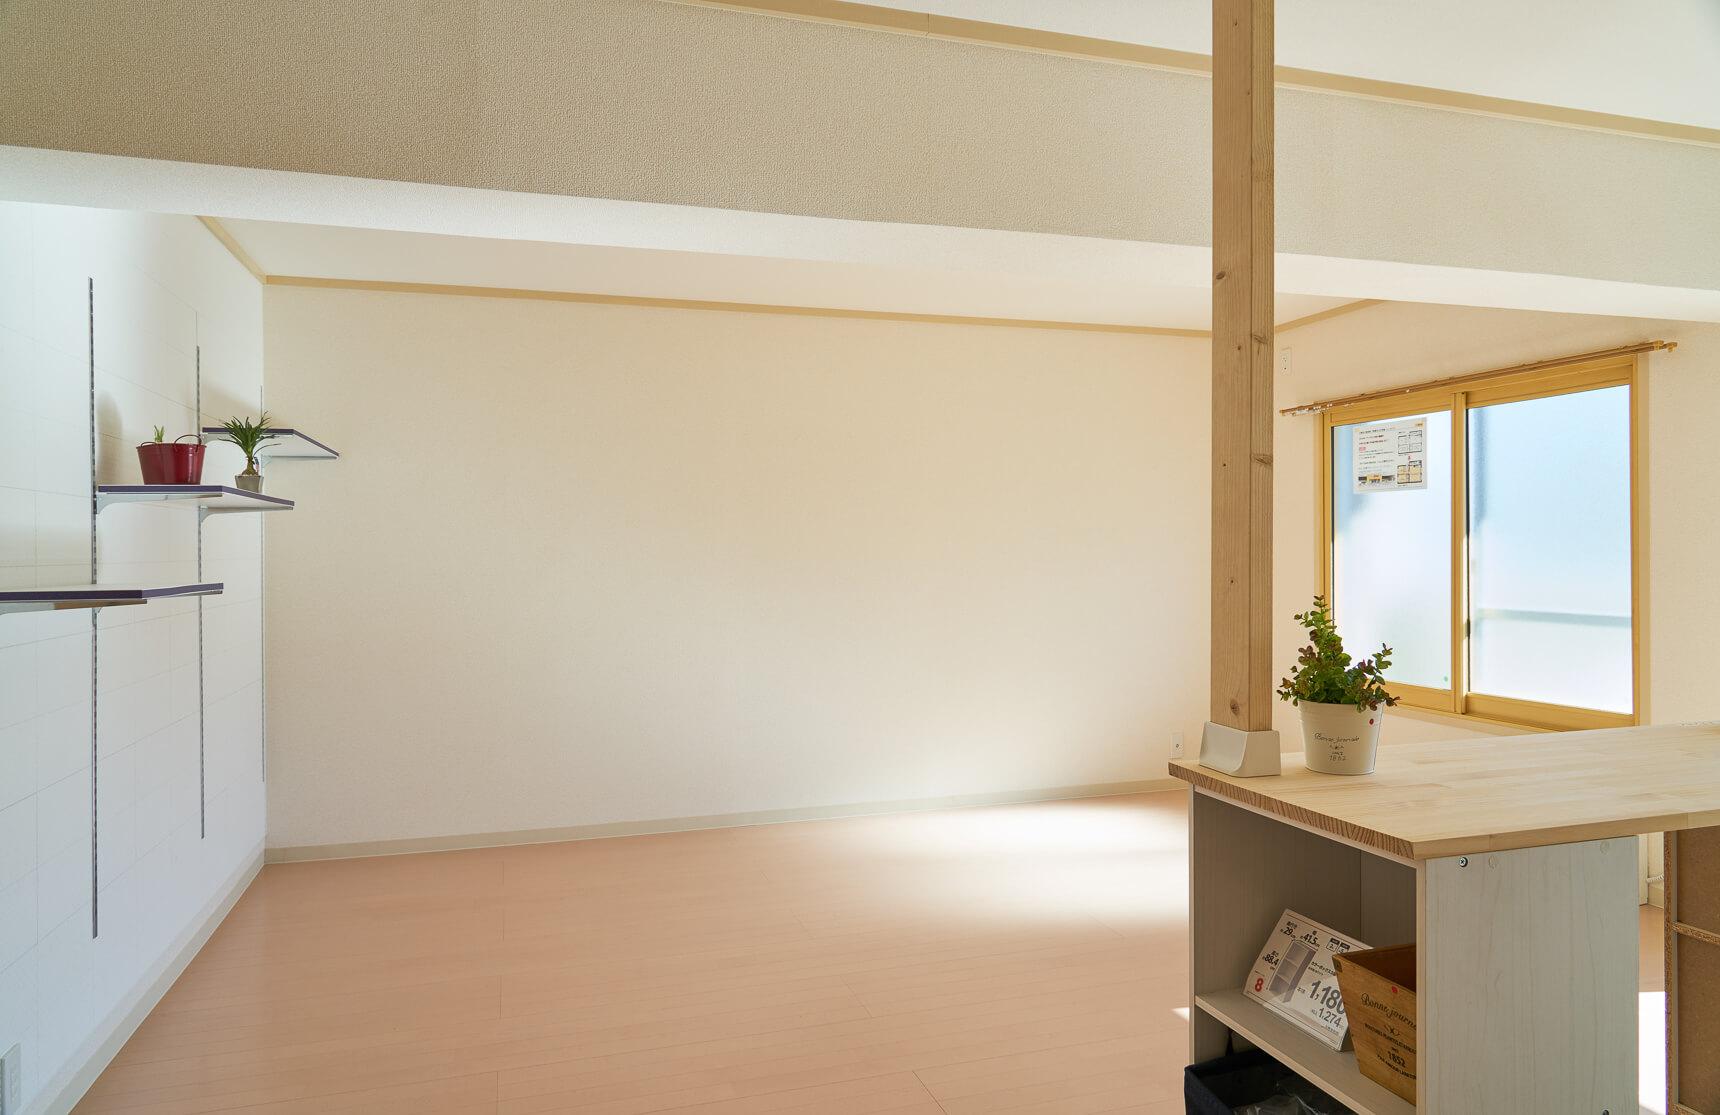 キッチン側から、振り返ってみたところ。明るく広々なリビングですよね。「壁紙も真っ白ではなくピンクベージュっぽい明るい色にしてカラーコーディネートしています」